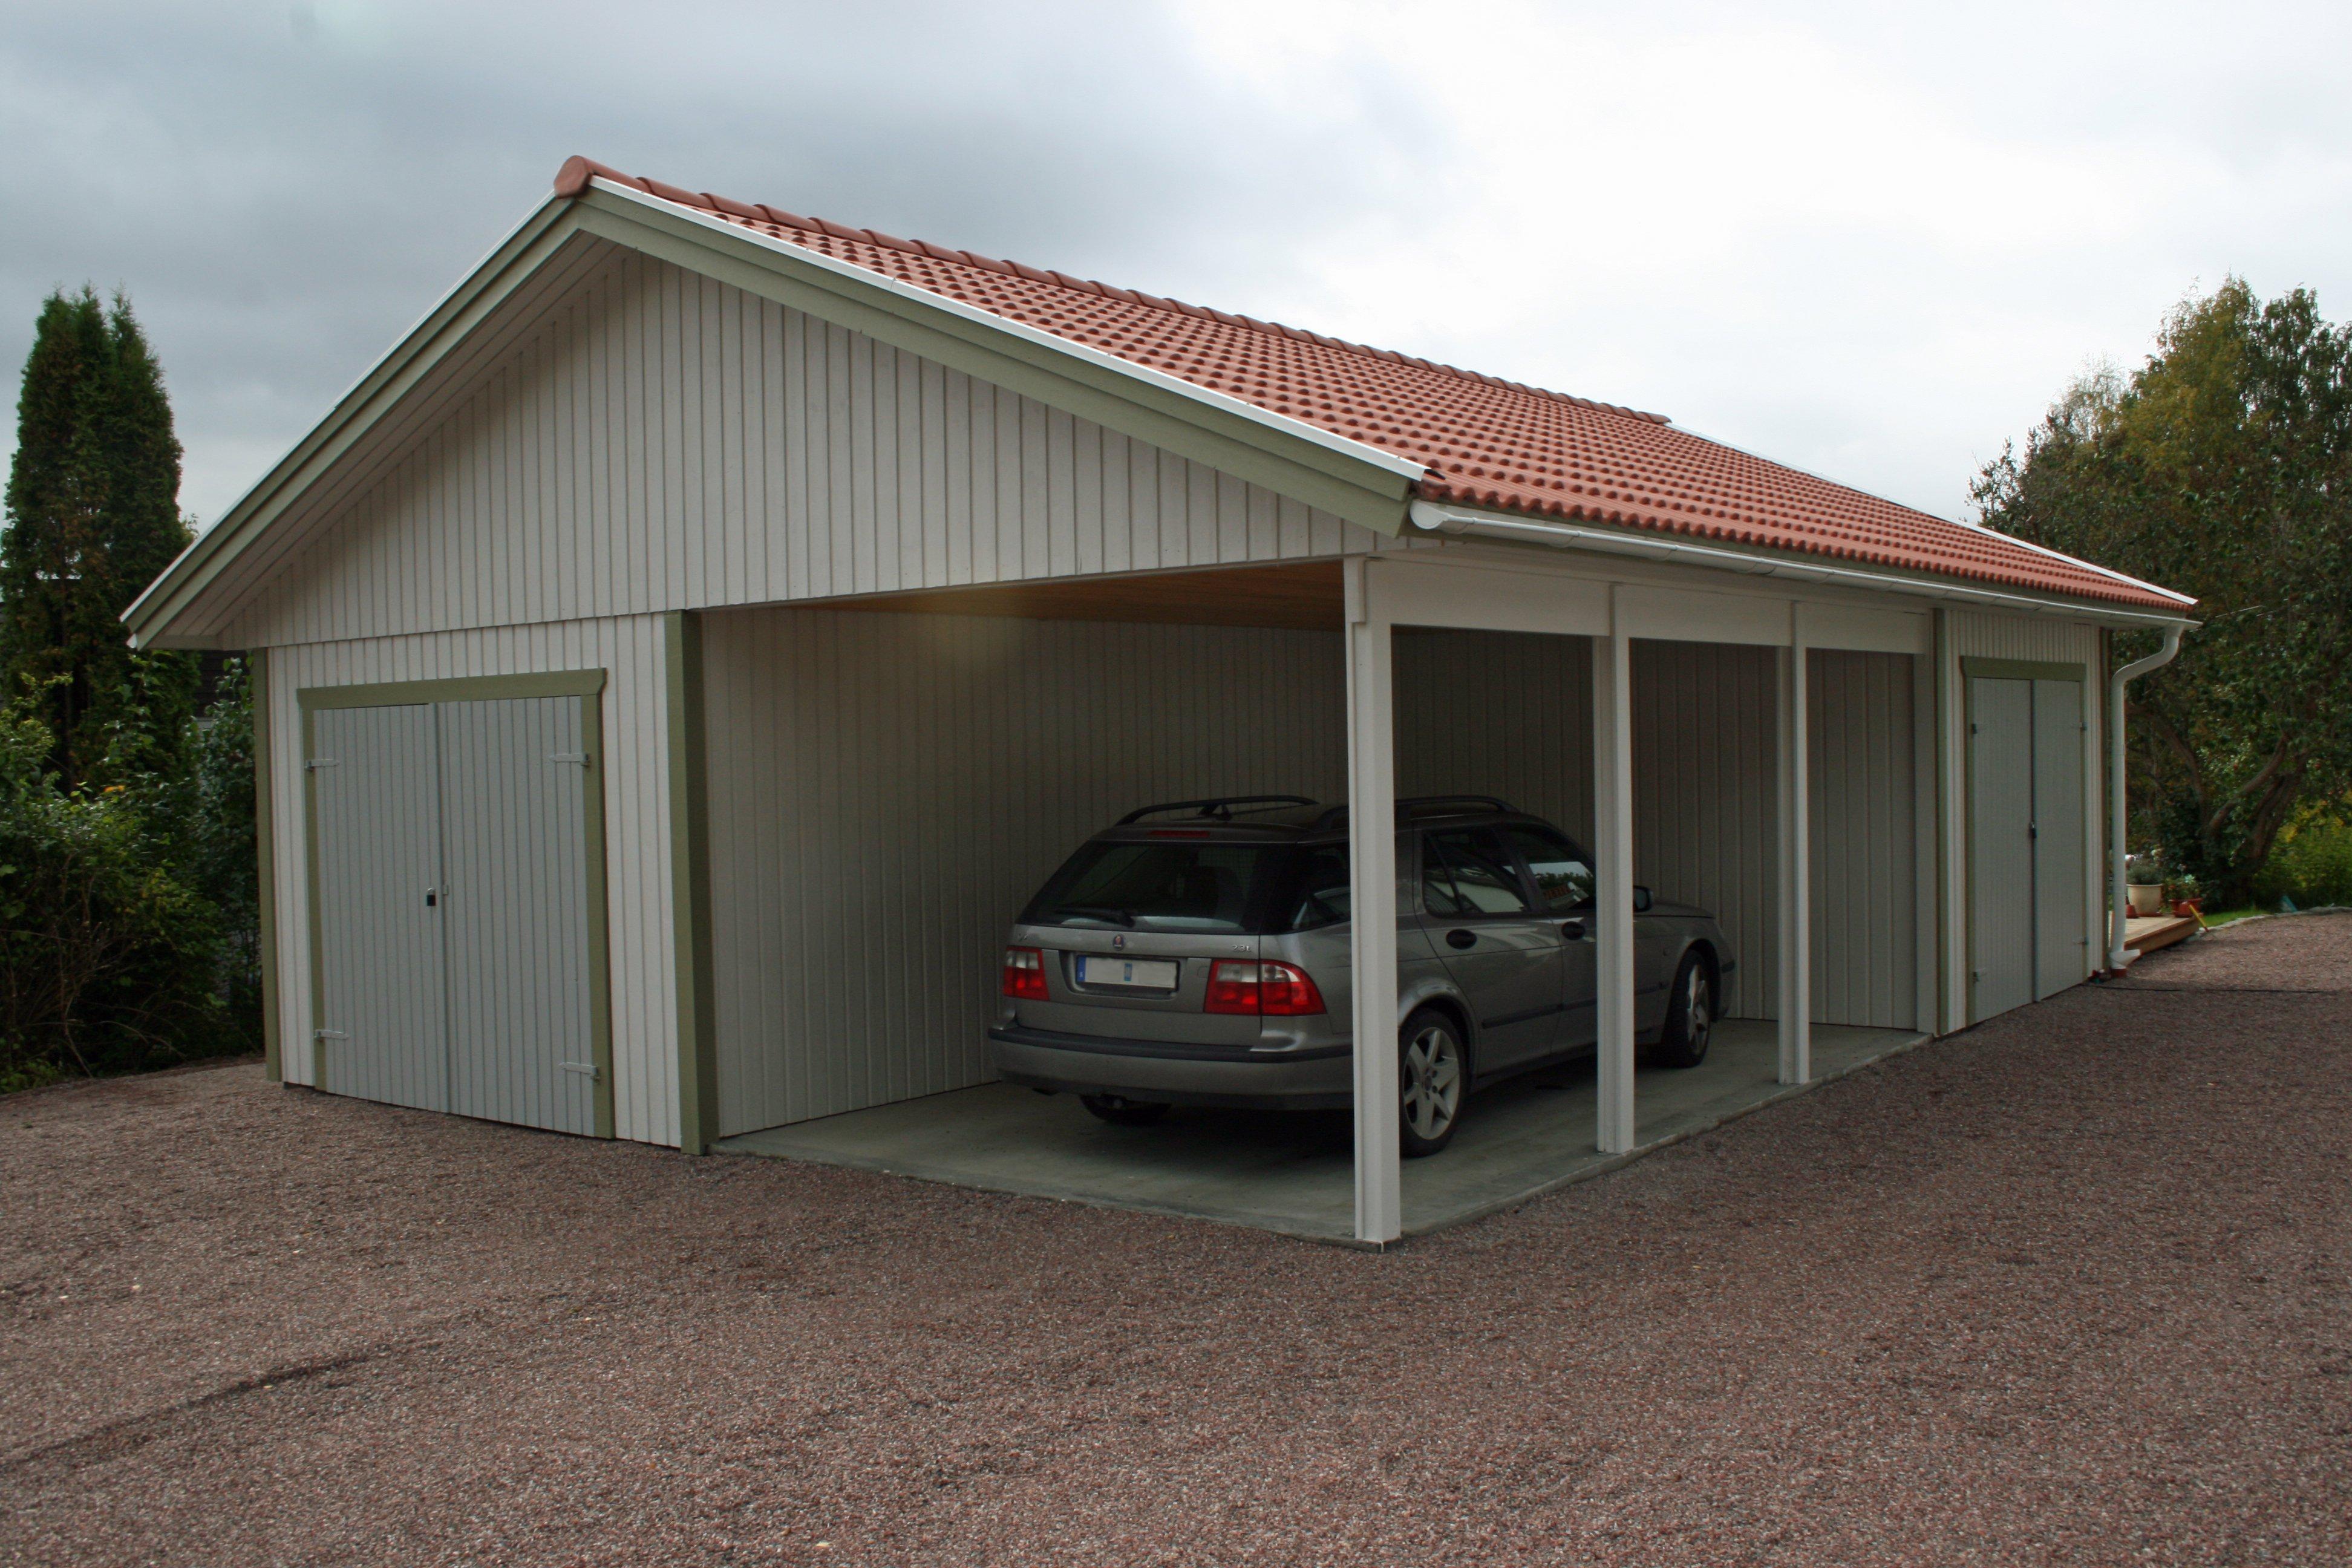 Bilder carport carport med garage carport med f rr d for Carports garages